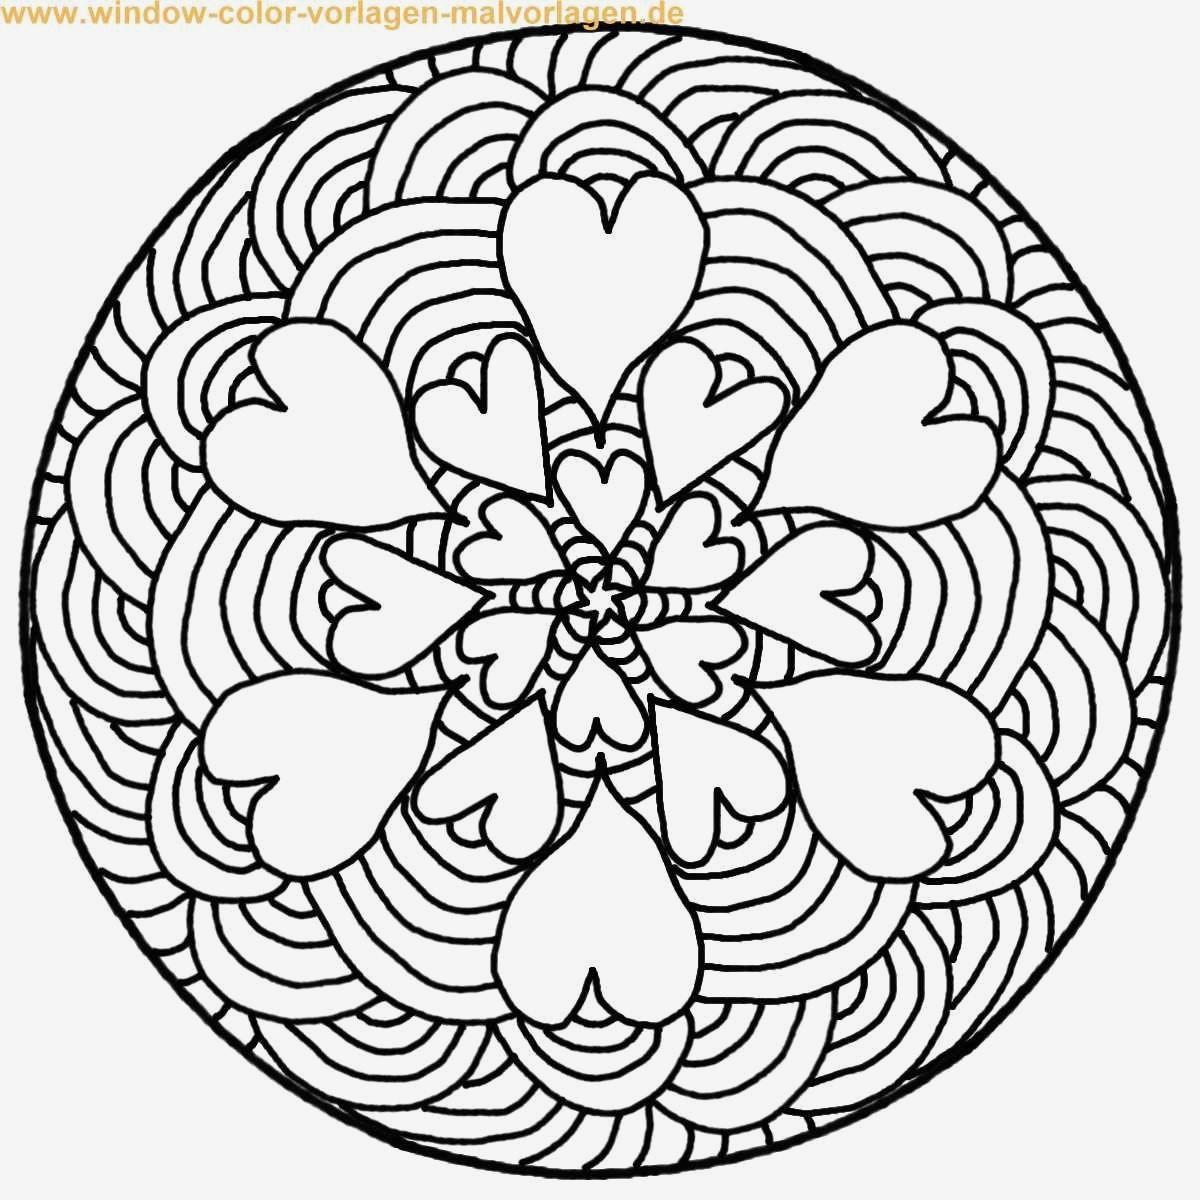 Herz Mandalas Zum Ausmalen Einzigartig Spannende Coloring Bilder Malvorlagen Mandalas Für Erwachsene Bild